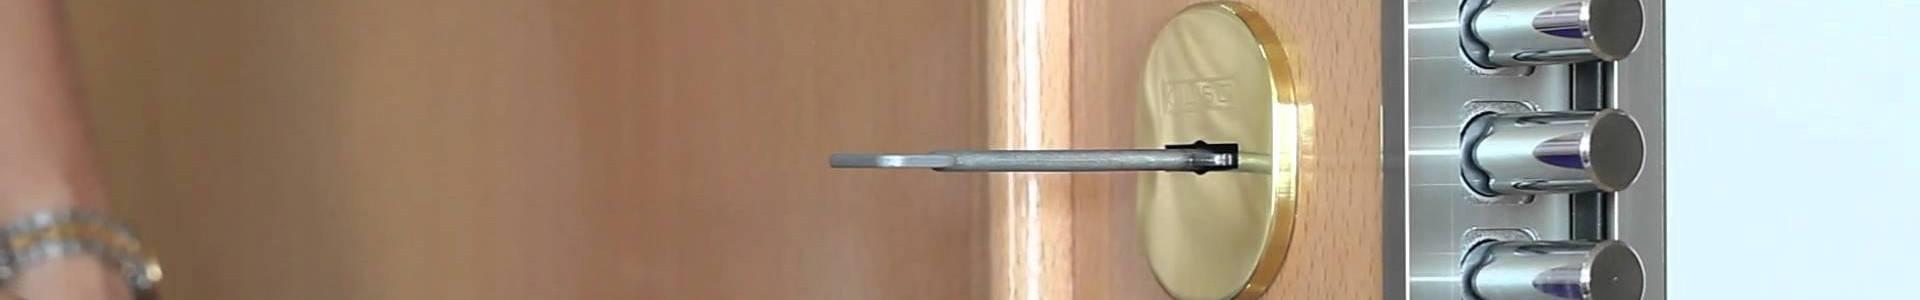 cerradura alicante hori2 - Servicio de Cerrajeria Alicante